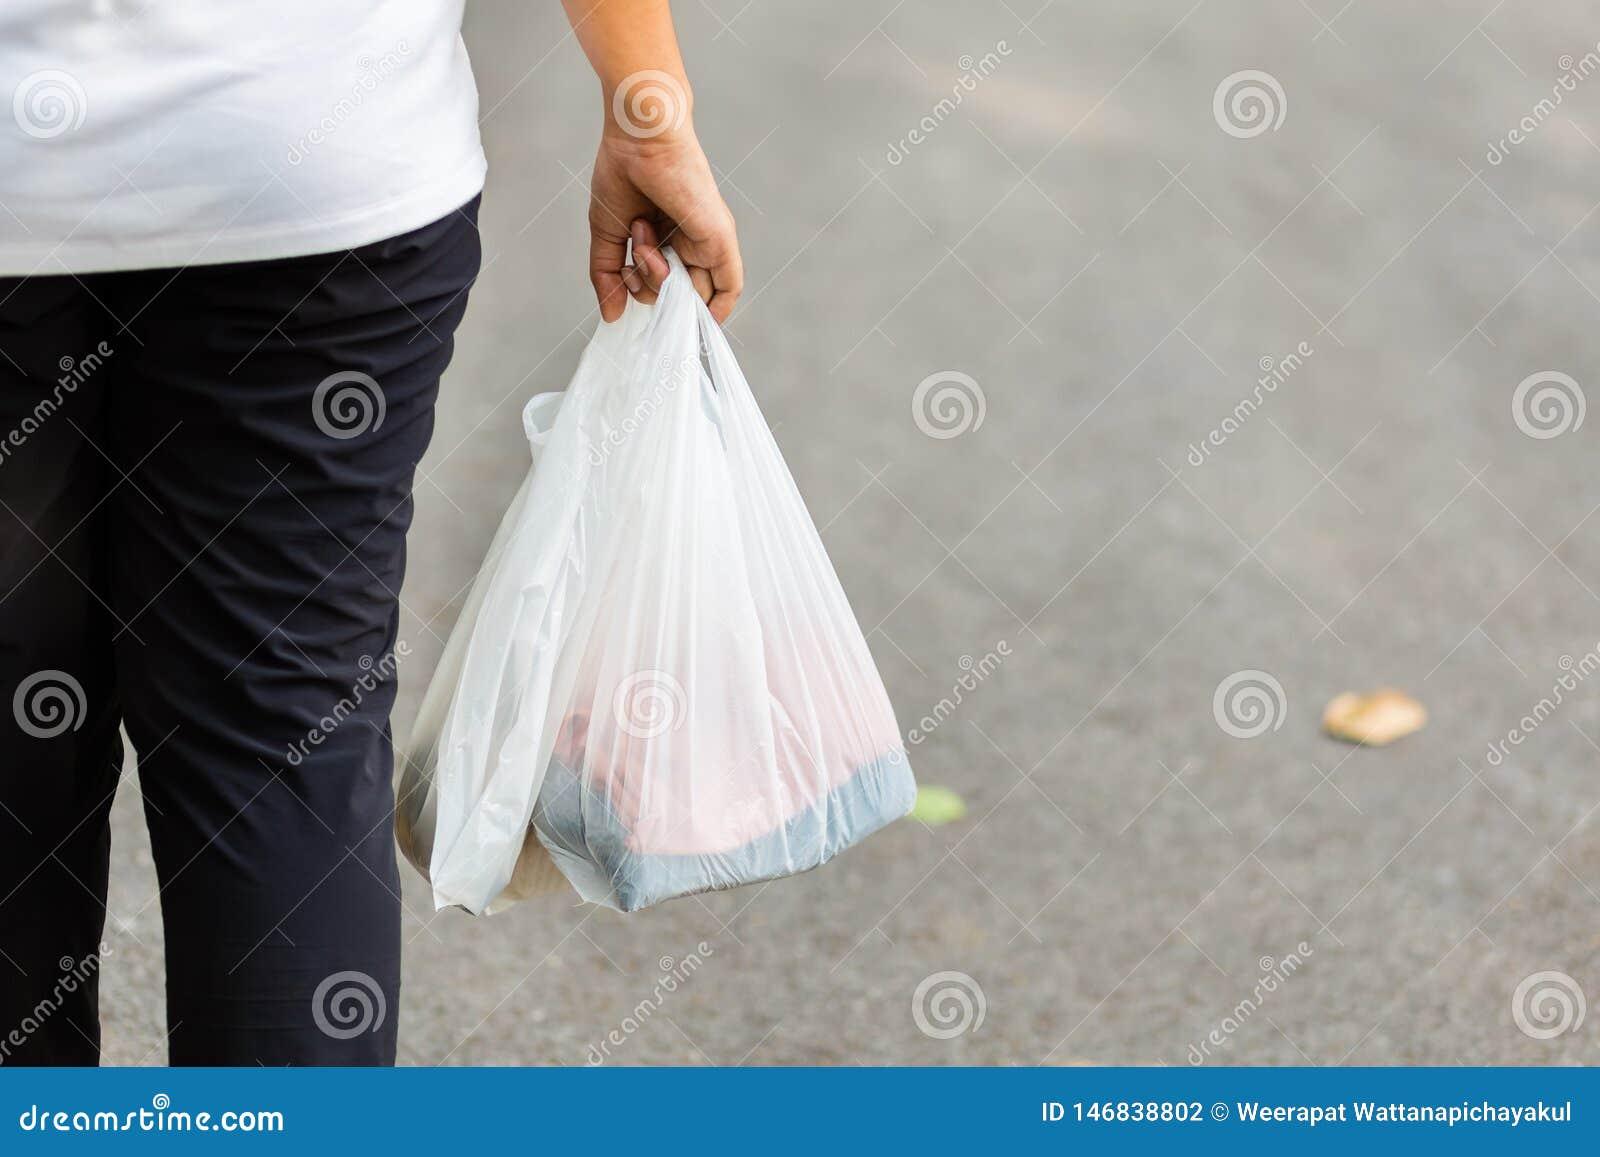 Carry Plastic Bags no dia a dia